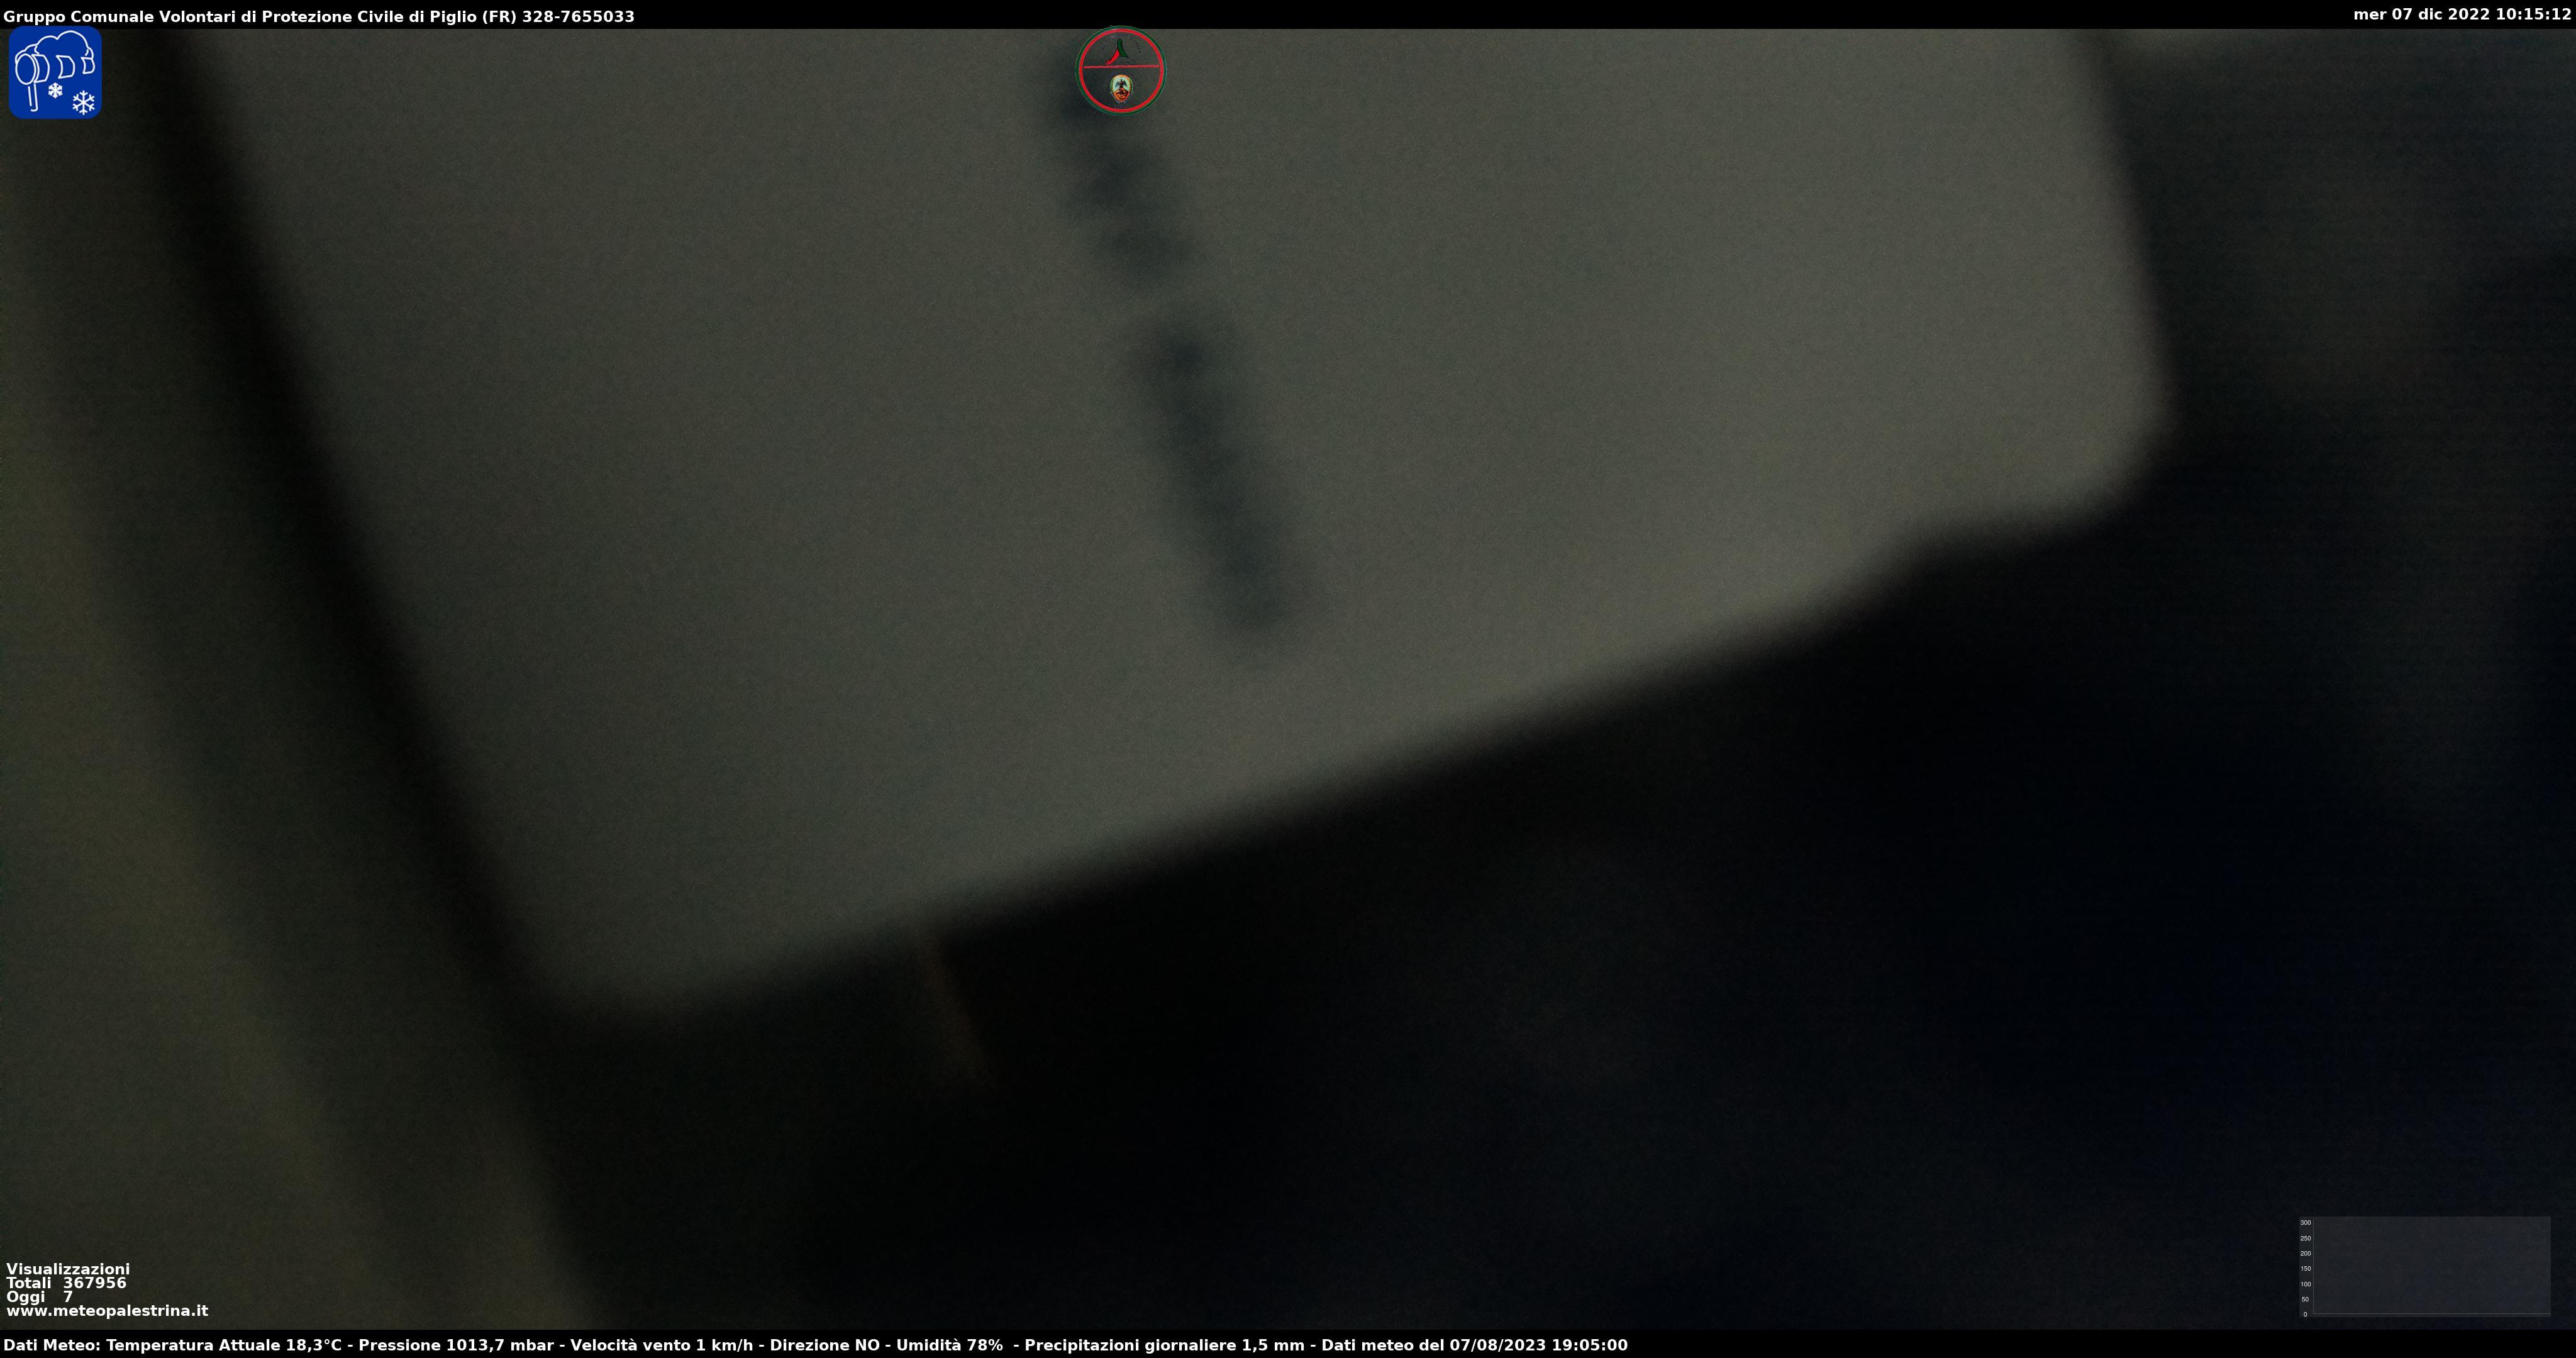 Panoramica della Borgo Medievale di Piglio (FR)